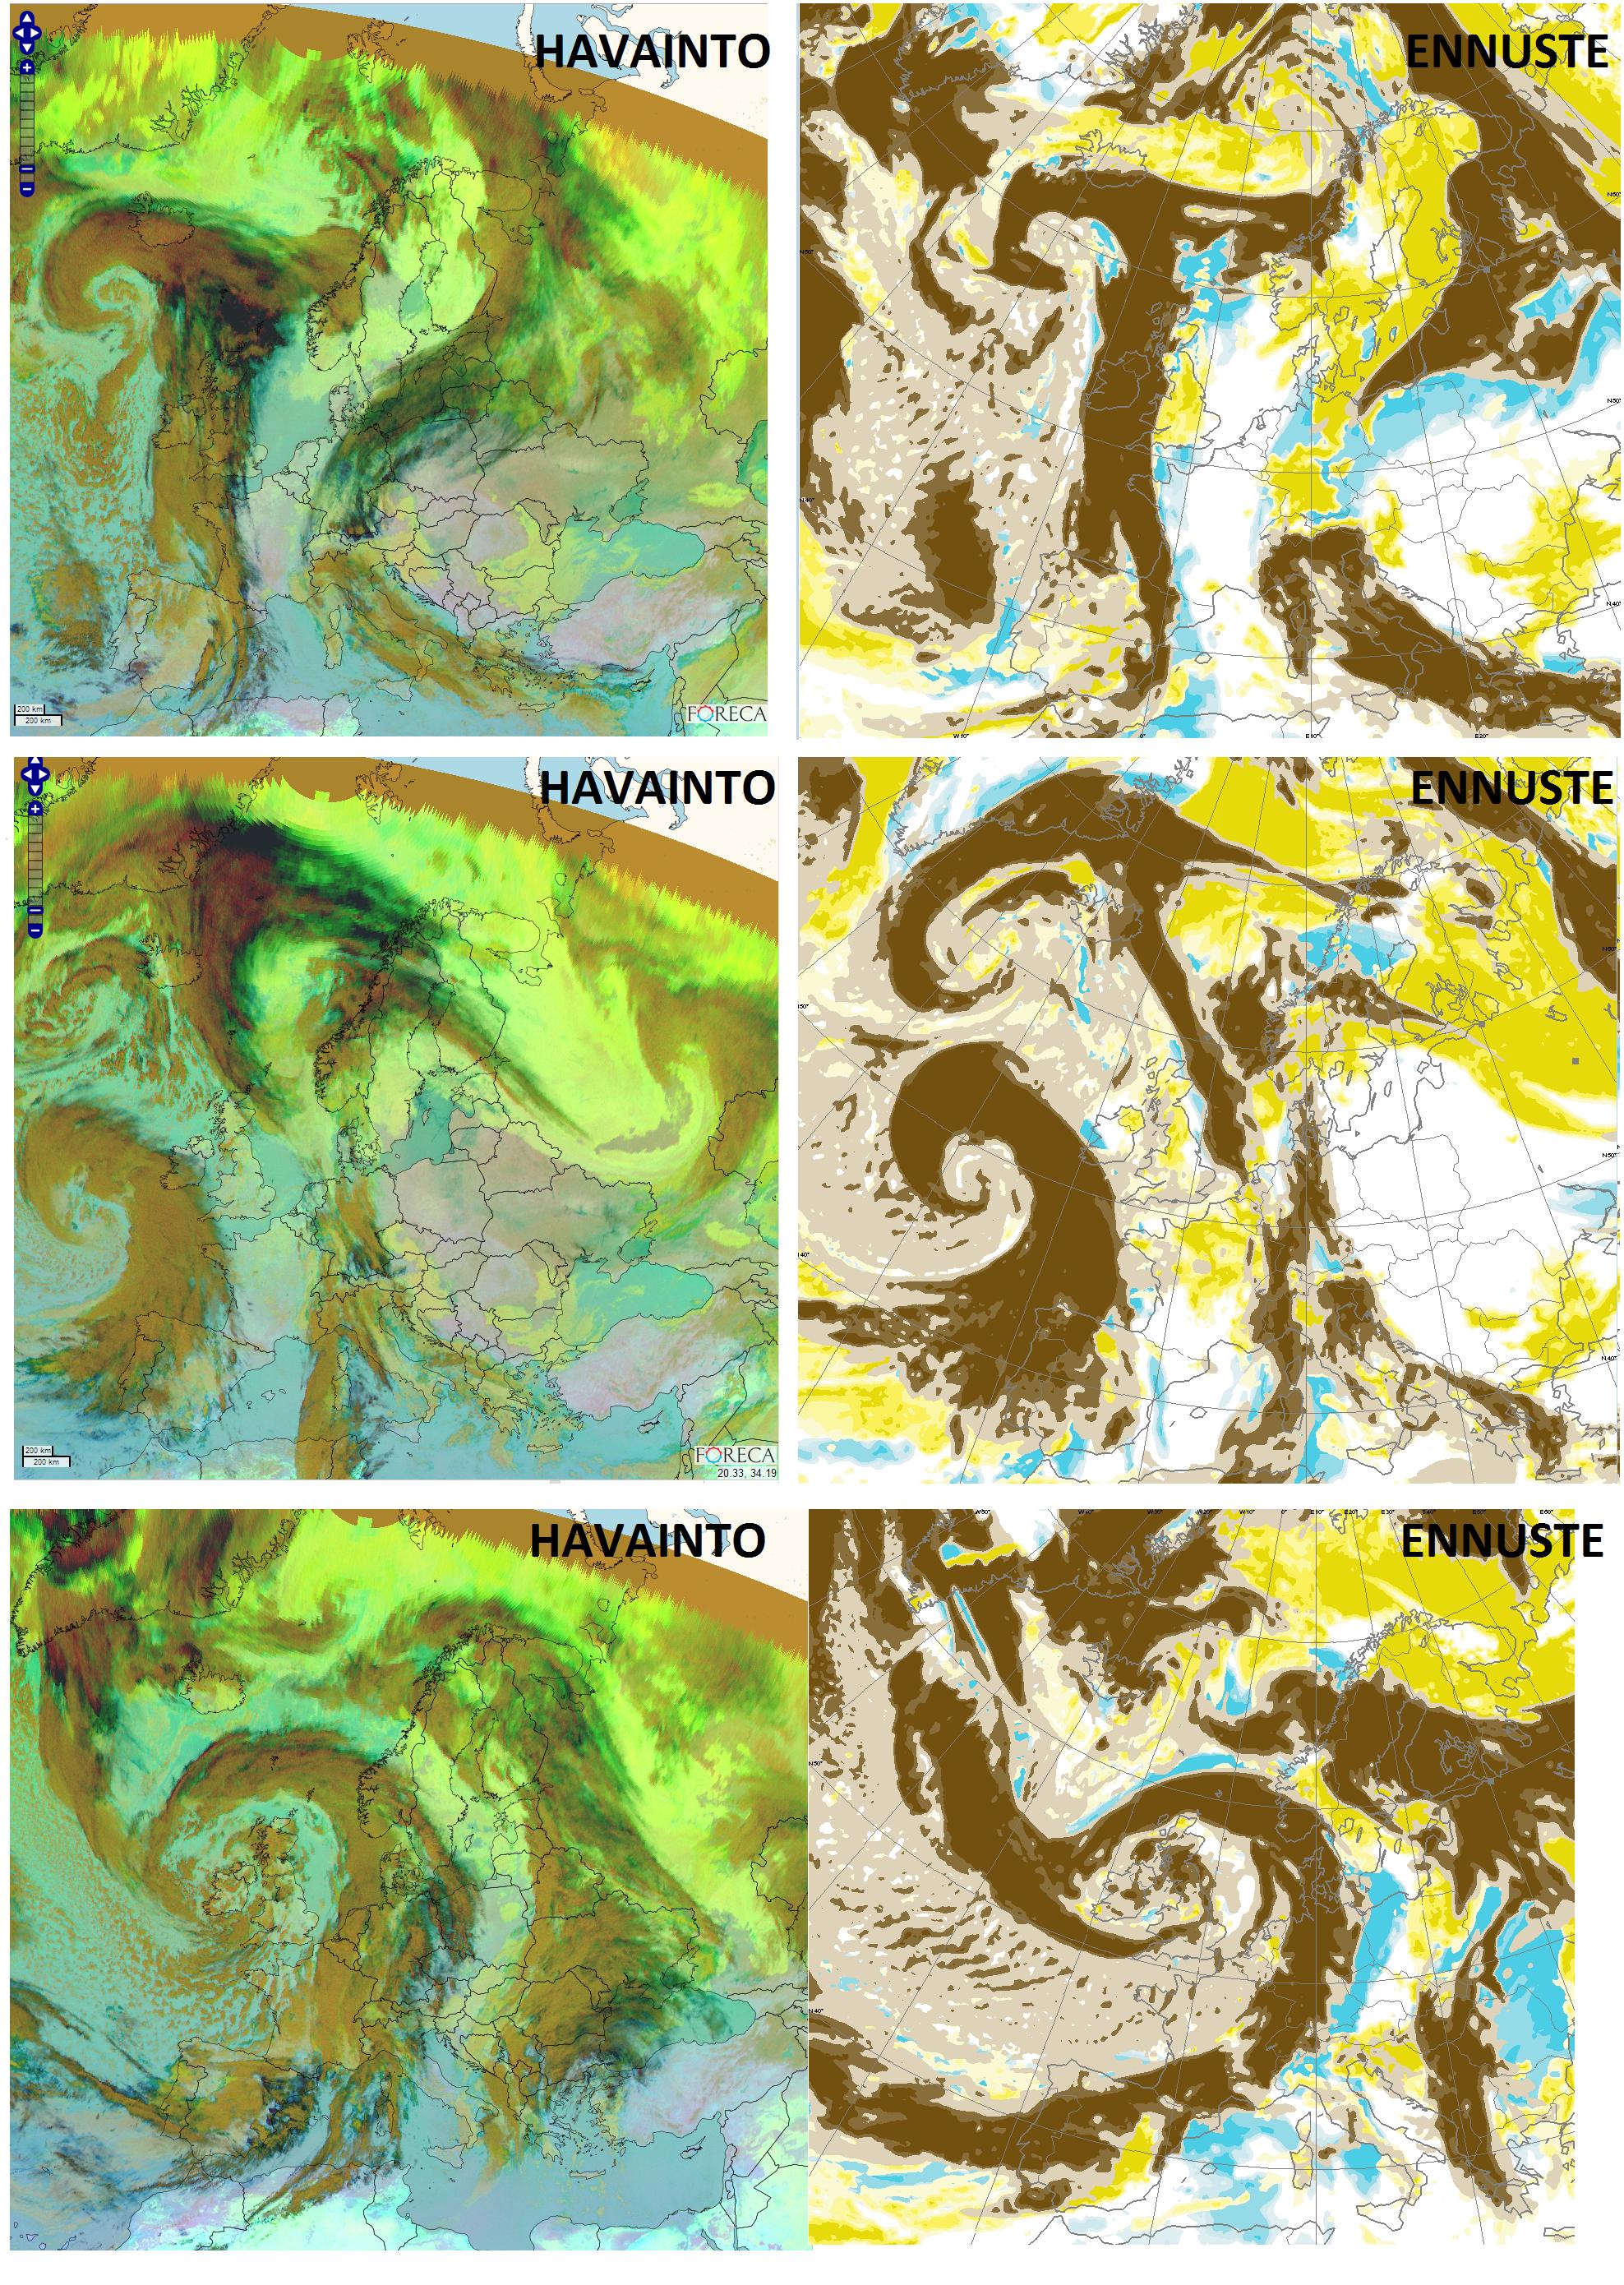 Kuva 2: Ylärivillä näkyy sateliittihavainto verrattuna 1. vuorokauden ennusteeseen. Ruskeat pilvet vastaavat rintamapilviä ja keltaiset alapilviä. Pohjaväri on kartoissa erilainen ja samoin karttarajaus. Kuvasta on nähtävissä ennustetun ja havaitun pilvisyyden vastaavan varsin hyvin toisiaan. Tarkemmin katsomalla näkyy kuitenkin, että Ahvenanmaalle on ennustettu selkeää säätä, vaikka todellisuudessa siellä on ollut aivan pilvistä. Lähes aina löytyykin jokin kolkka, jossa ennuste menee paikallisesti pieleen, vaikka kokonaisuus näyttäisikin lähes täydelliseltä.  Toisella rivillä näkyy seuraavan päivän ennuste  ja ainakin Rovaniemellä sää on ennustettu täysin väärin, pilvinen sää kun on ennustettu täysin selkeäksi. Kun sääennuste menee väärin, se voi yhtä hyvin mennä täysin väärin kuin vaan vähän väärin. Näin käy juuri silloin, kun jokin pilven kiehkura  tai sadekuuro kulkee hieman väärästä kohtaa.  Kolmannella rivillä näkyy sitten kuudennen päivän ennuste. Kartoista on nähtävissä, että matalapaineiden rintamapilvet ovat jo selvästi useita satoja kilometrejä väärässä paikassa. Meteorologisesti tämä viimeinen ennuste on selvästi kahta ylempää ennustetta huonompi. Silti pilvisyysennuste menee tässä paremmin  oikein koko Suomen alueella. Sekä Rovaniemellä että Ahvenanmaalla  6. päivän ennuste on asukkaiden mielestä paljon parempi kuin lähivuorokauden ennuste.